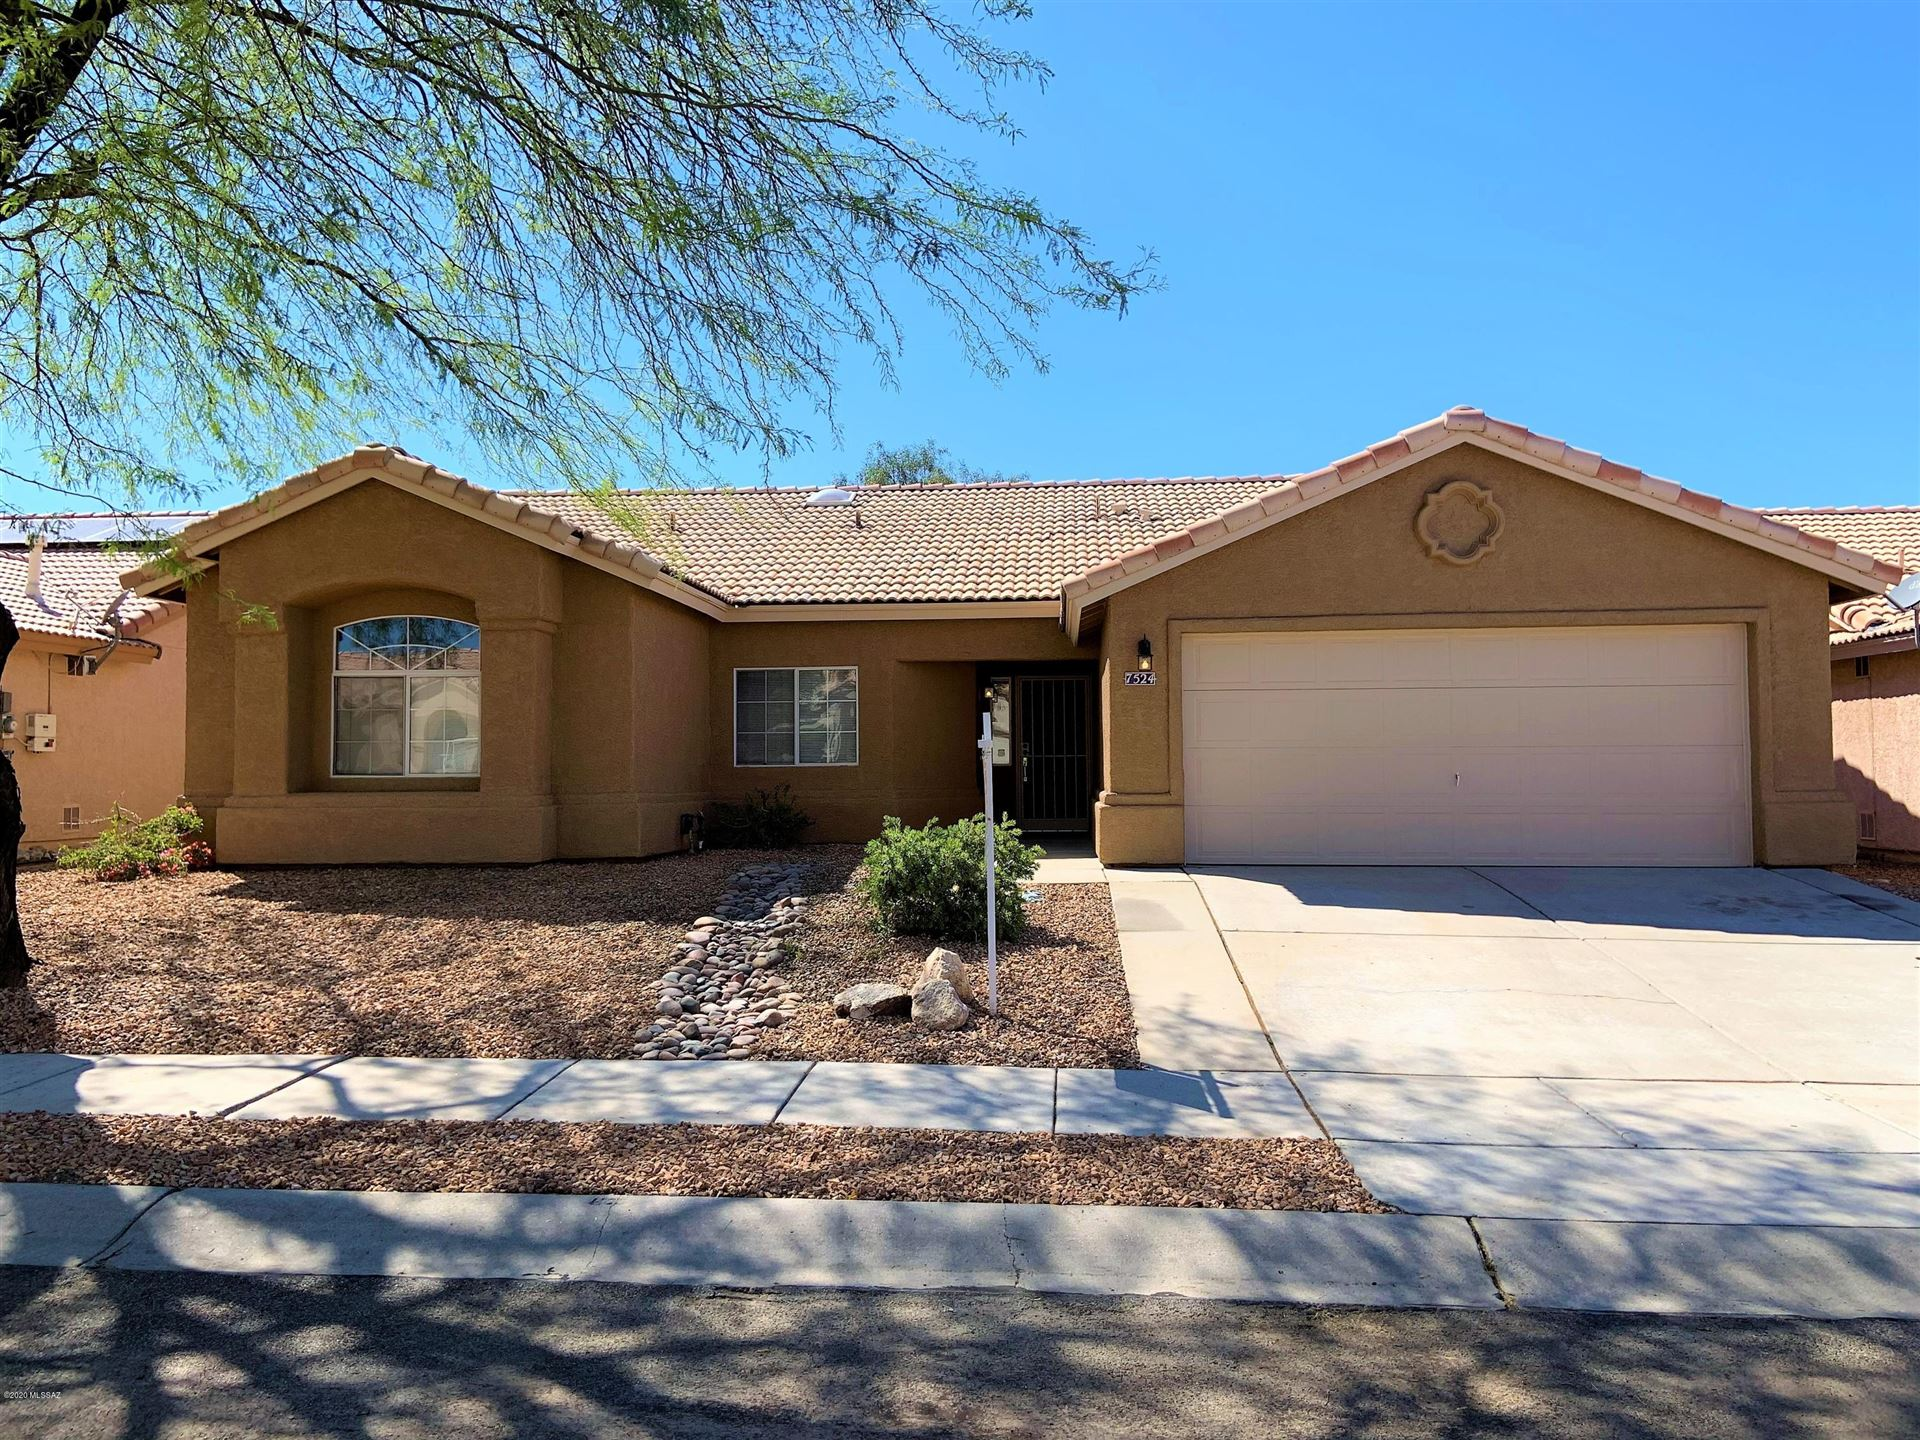 7524 W Summer Sky Drive, Marana, AZ 85743 - MLS#: 22009971